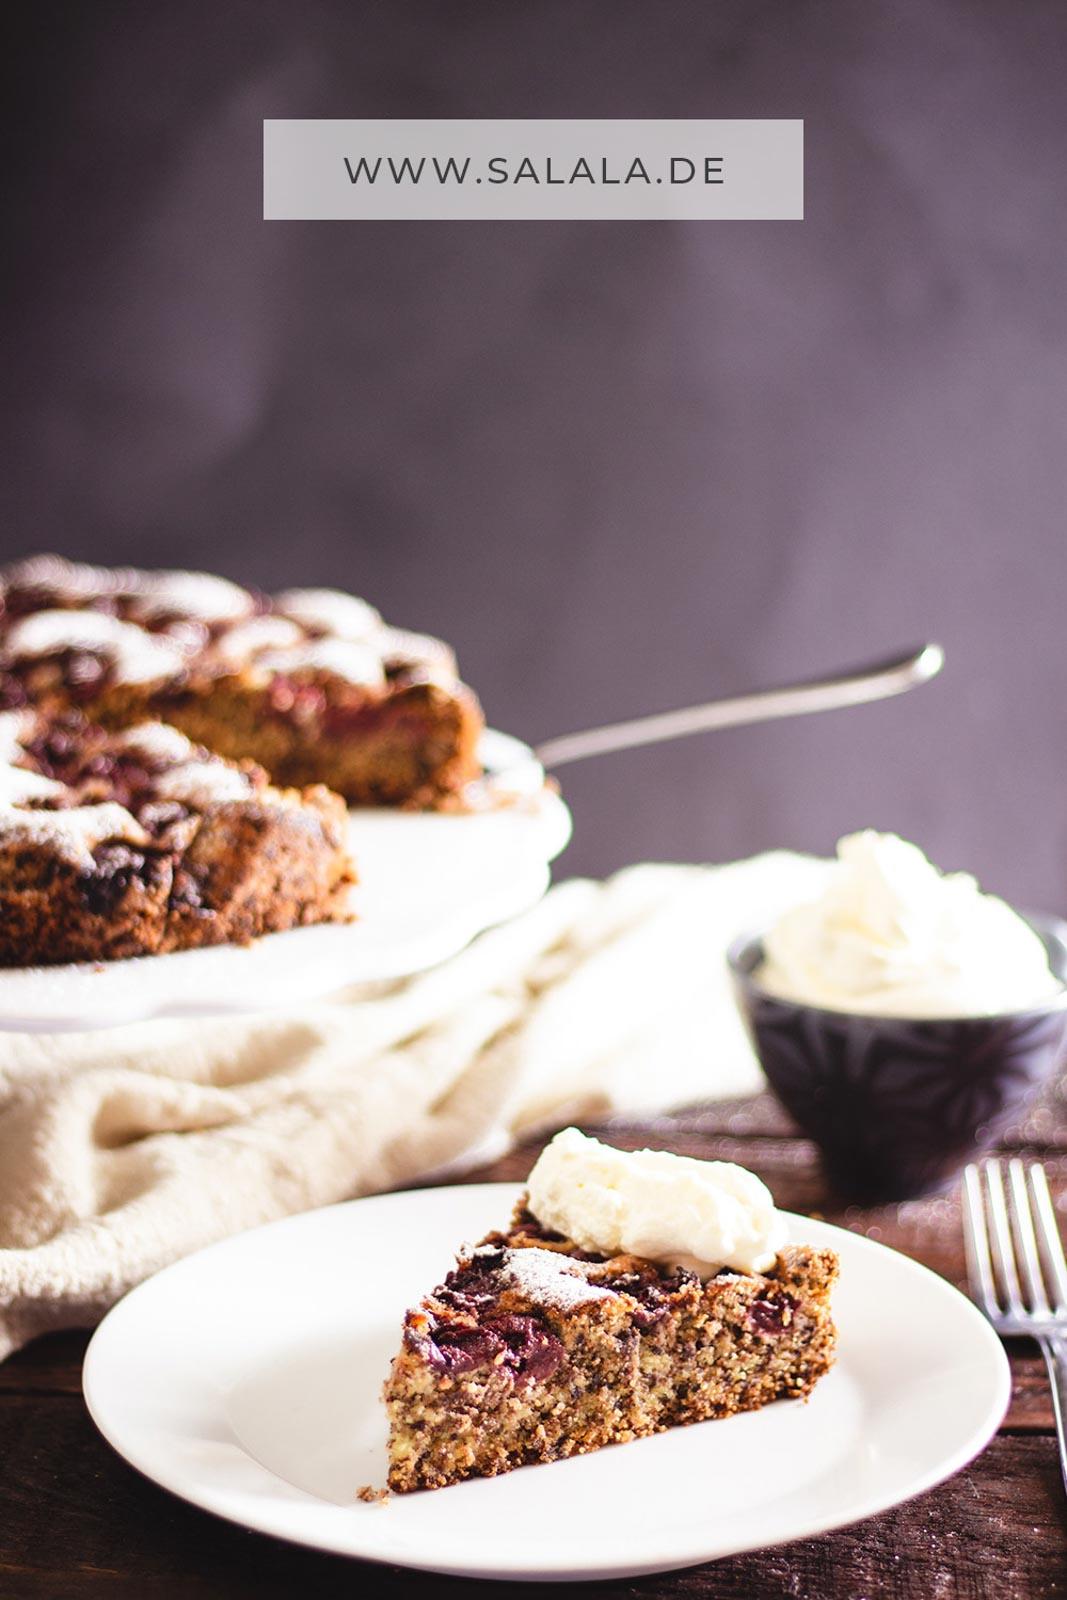 Leckerer versunkener Kirschkuchen ohne Mehl und Zucker. Perfekt für den Low Carb Sonntag Nachmittags Kaffee- und Kuchentisch. Das versunkener Kirschkuchen Low Carb Rezept mit Schokolade ist einfach zum nachmachen und ist perfekt für die  kohlenhydratarme Ernährung. #KirschkuchenOhneMehl #saftigerLowCarbKirschkuchen #LowCarbKirschkuchenRezept #LowCarbBacken #LowCarbSchokoladenKirschKuchen #VersunkenerKirschkuchenRezept